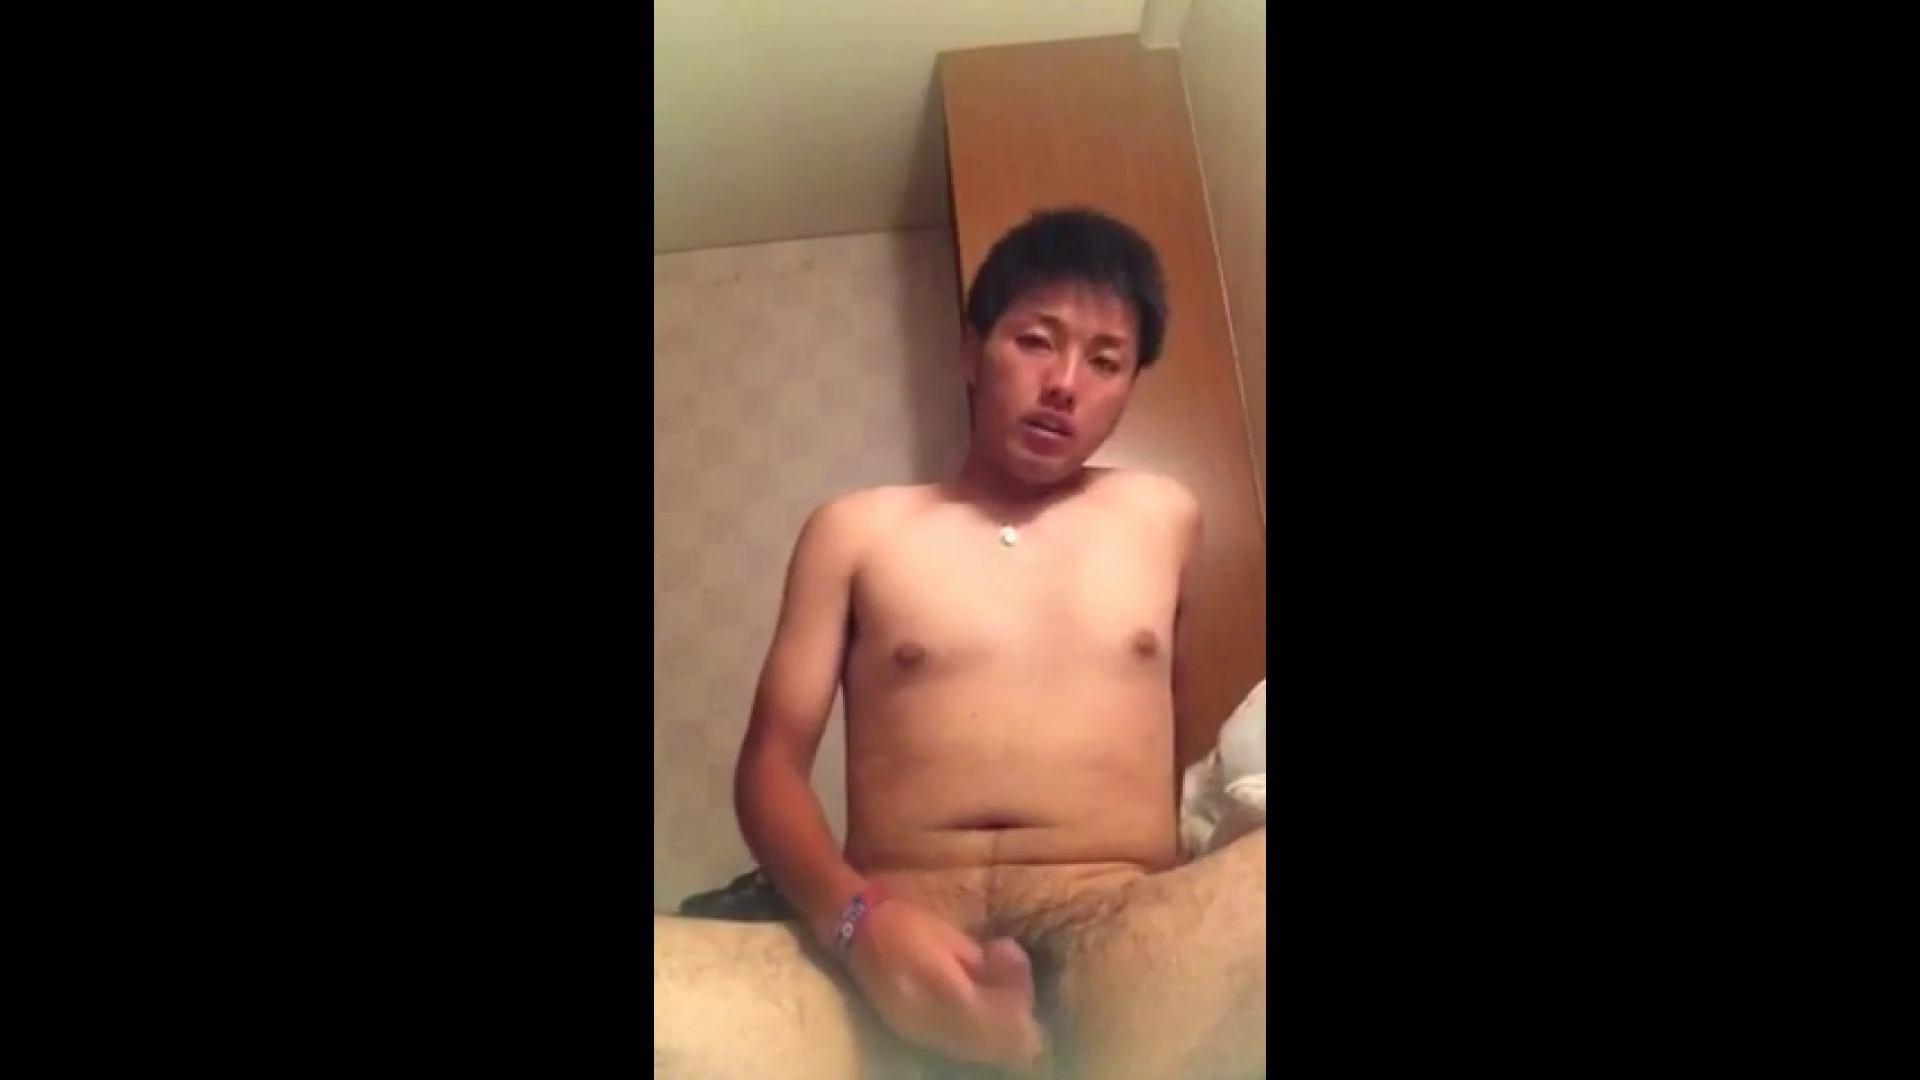 キター!ノンケちゃんオナニー特集vol.29 ノンケ天国 | お手で! ゲイアダルト画像 107pic 5